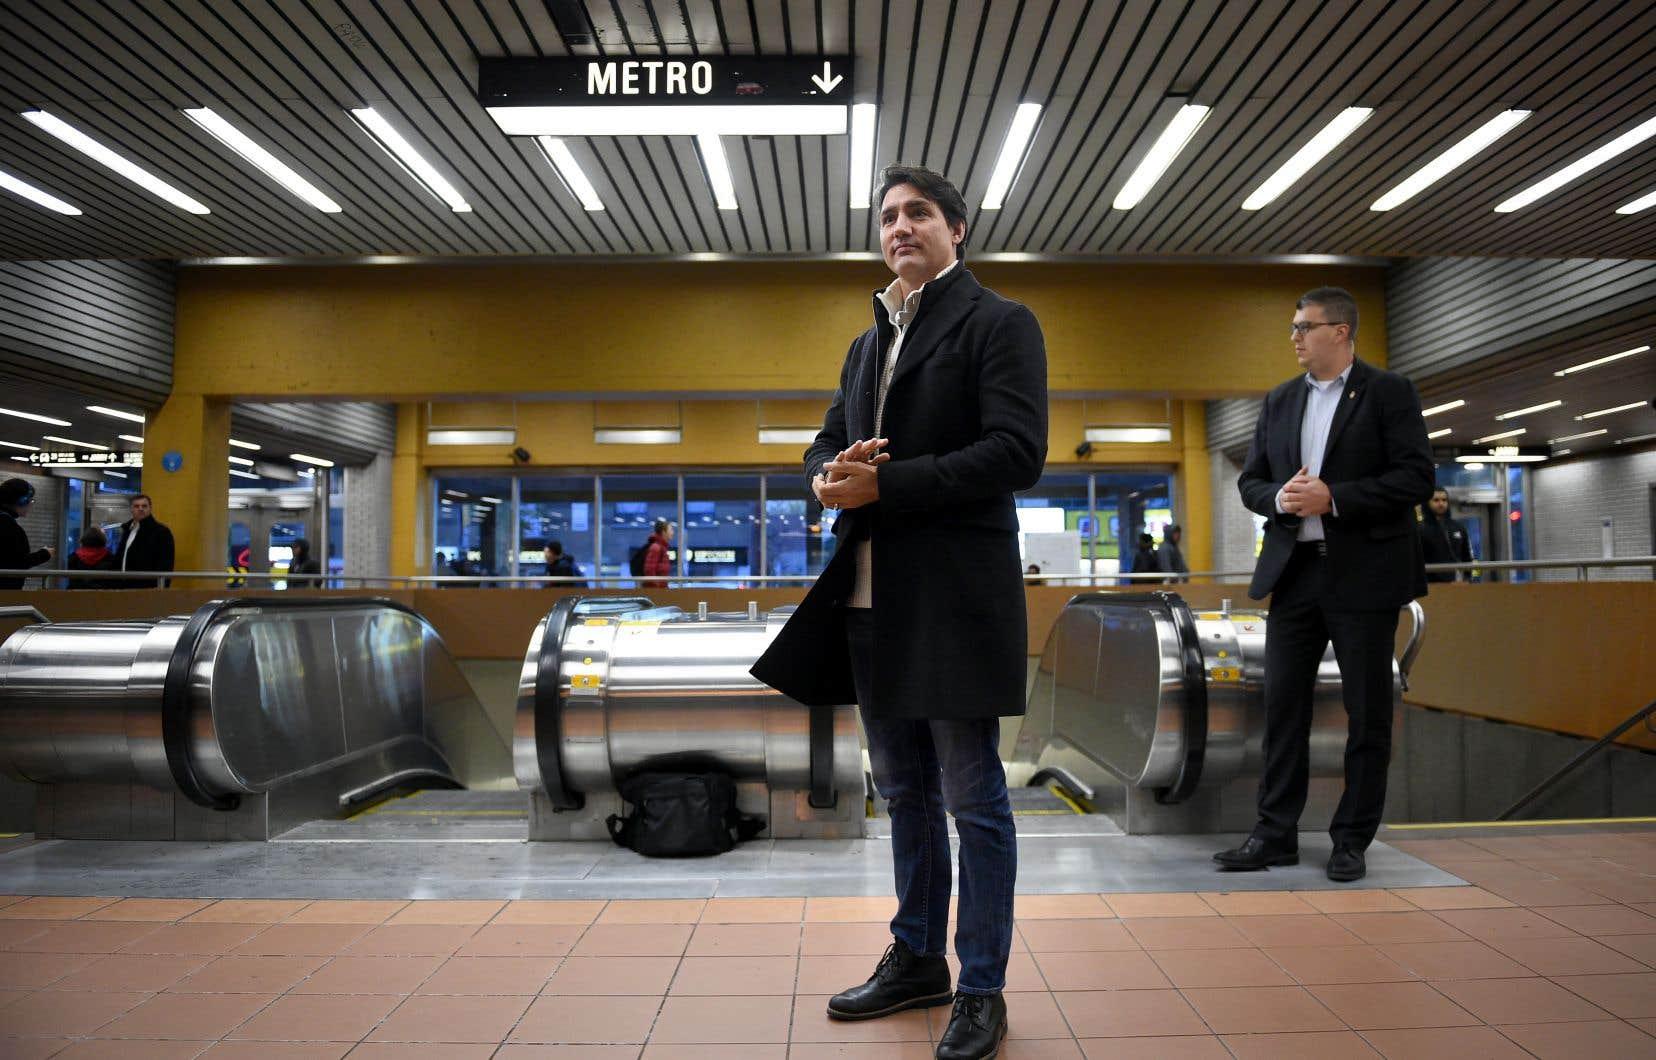 Plusieurs personnes se sont approchées du chef du Parti libéral, qui prenait place seul près d'un escalier roulant.